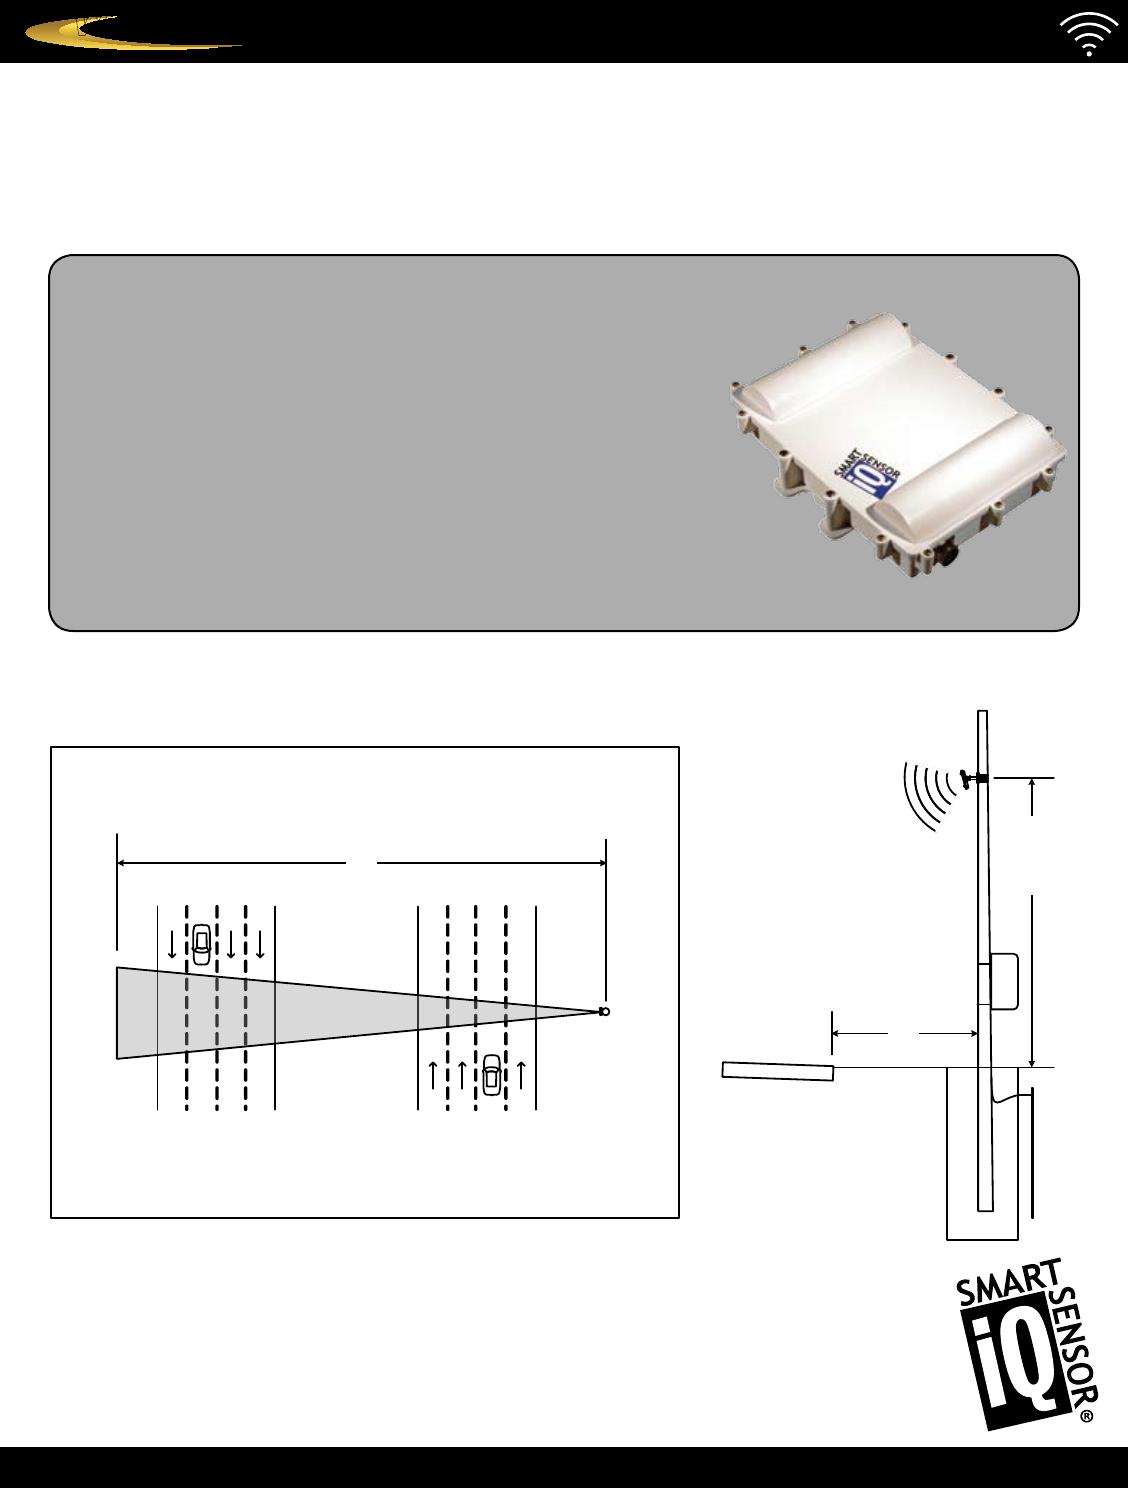 Defi Vsd Wiring Diagram